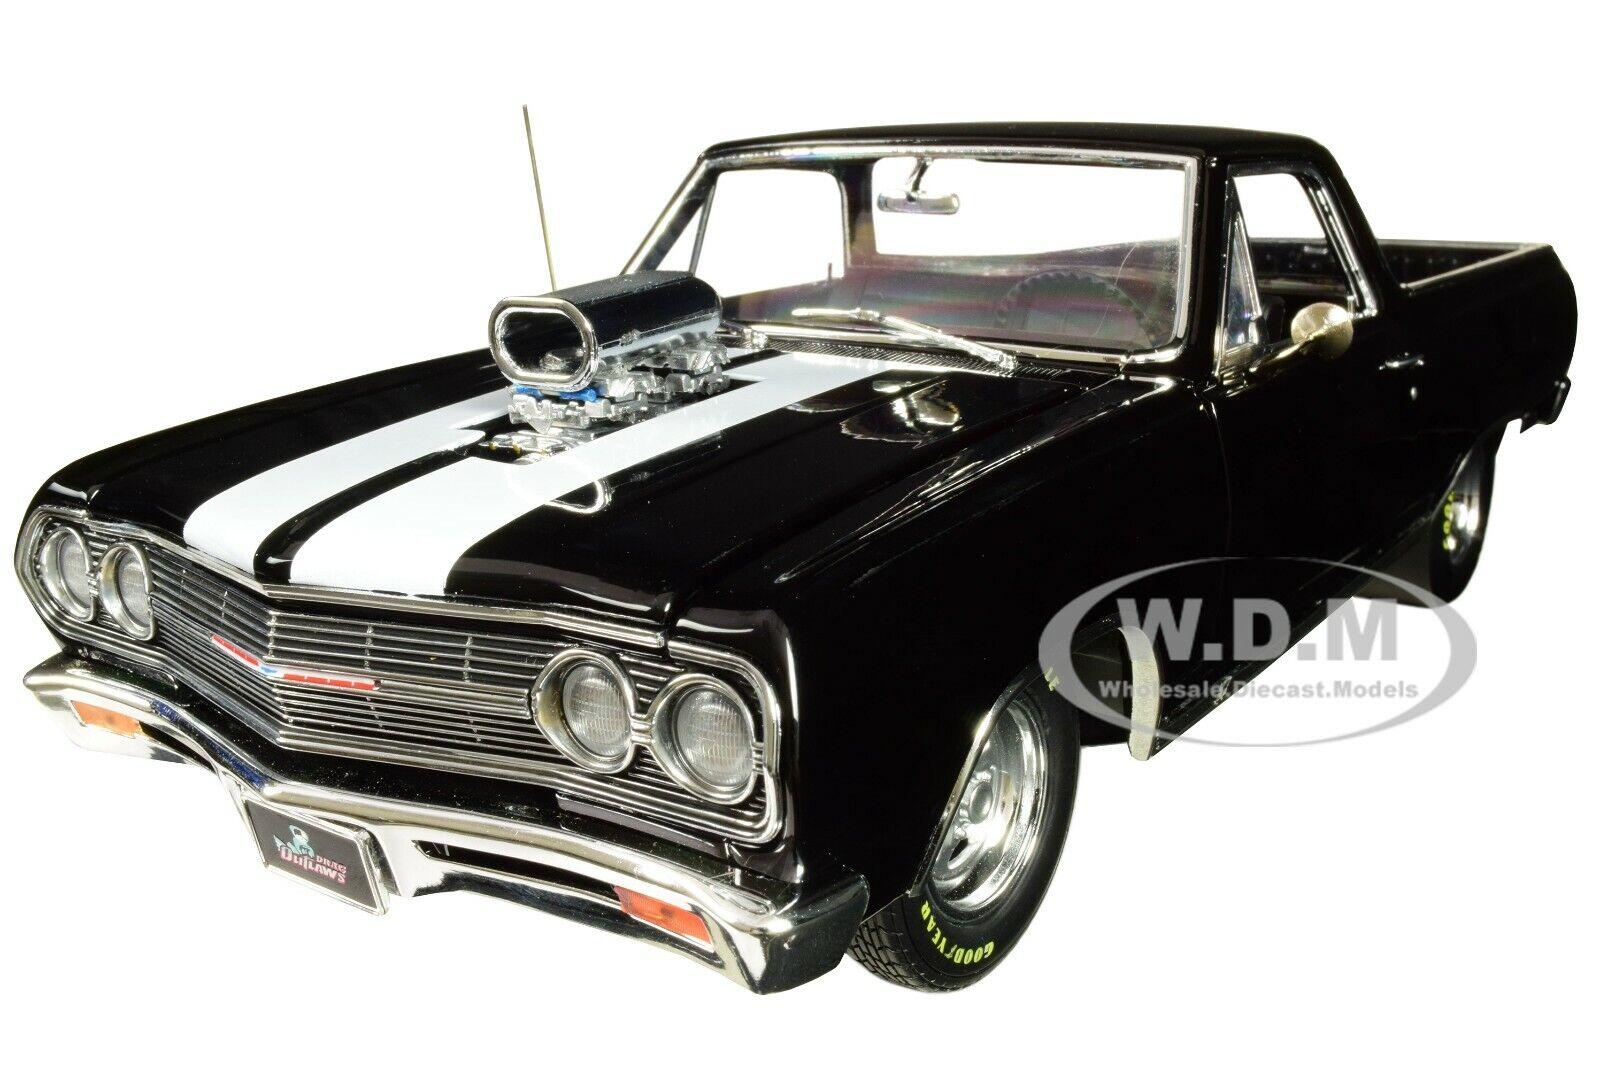 al precio mas bajo 1965 Chevrolet el camino  arrastrar proscrito proscrito proscrito  Edición Limitada 1 18 Diecast Acme Negro A1805409  suministro directo de los fabricantes